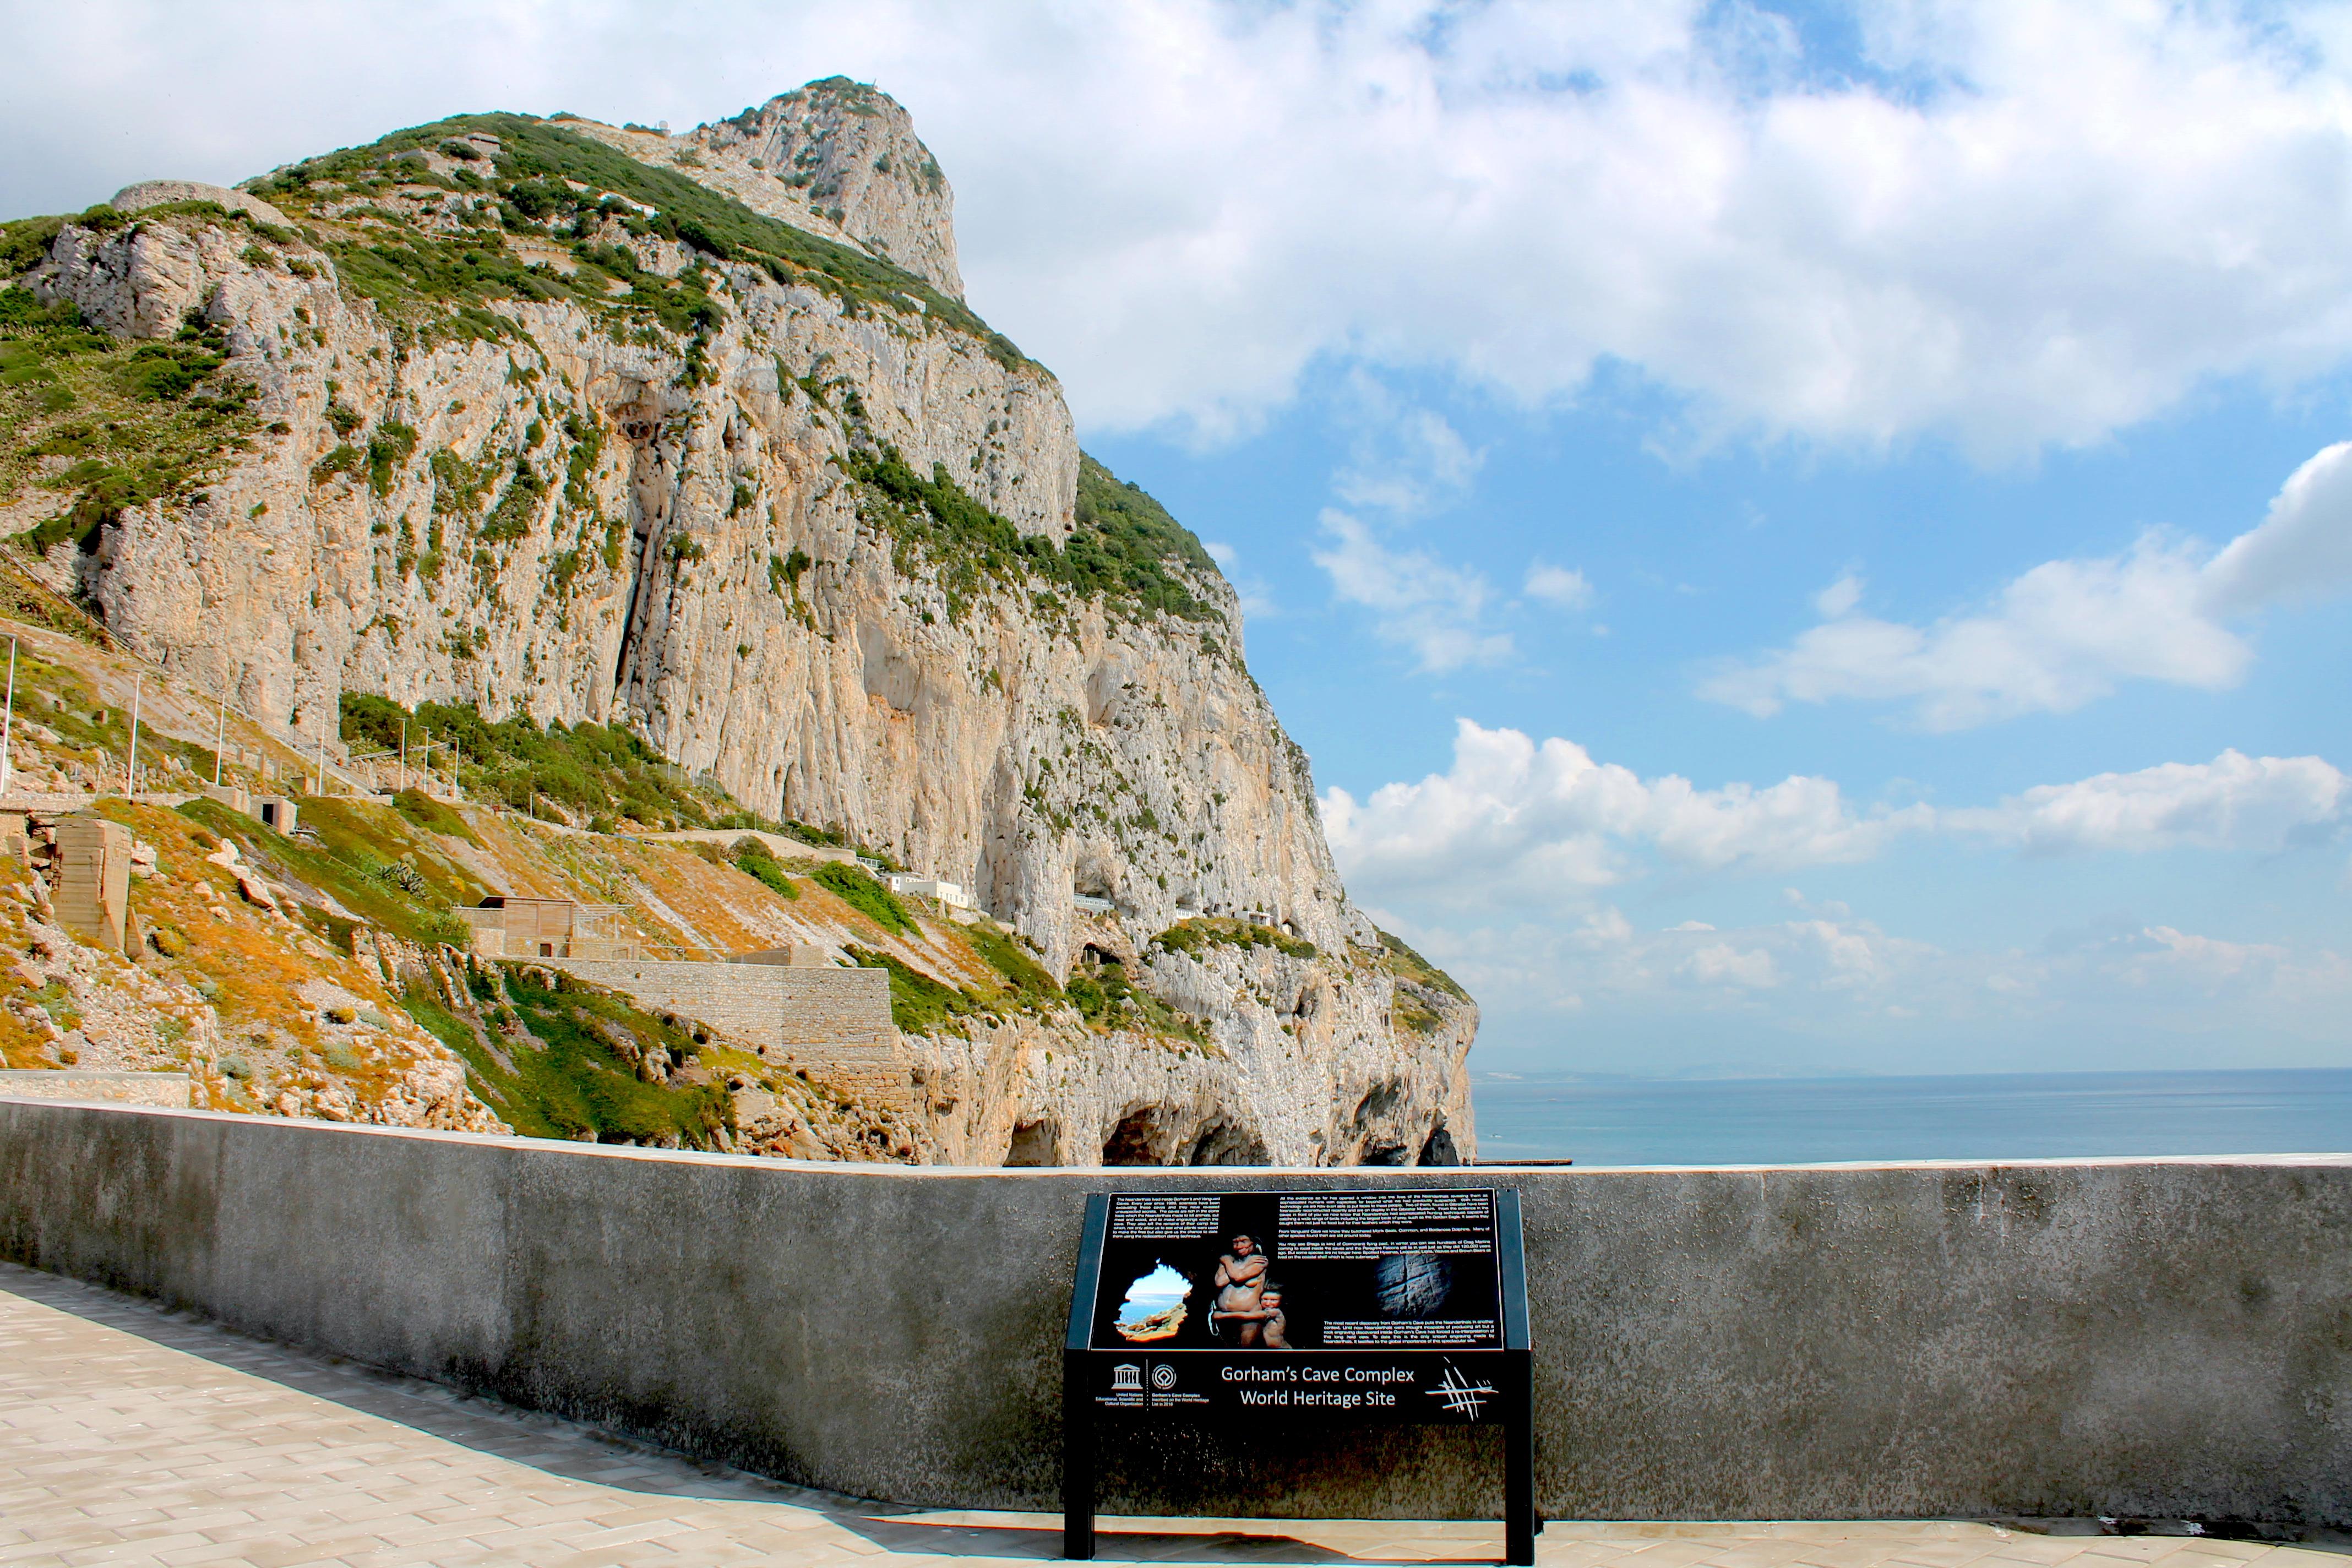 gorhams-cave-gibraltar-lustforthesublime